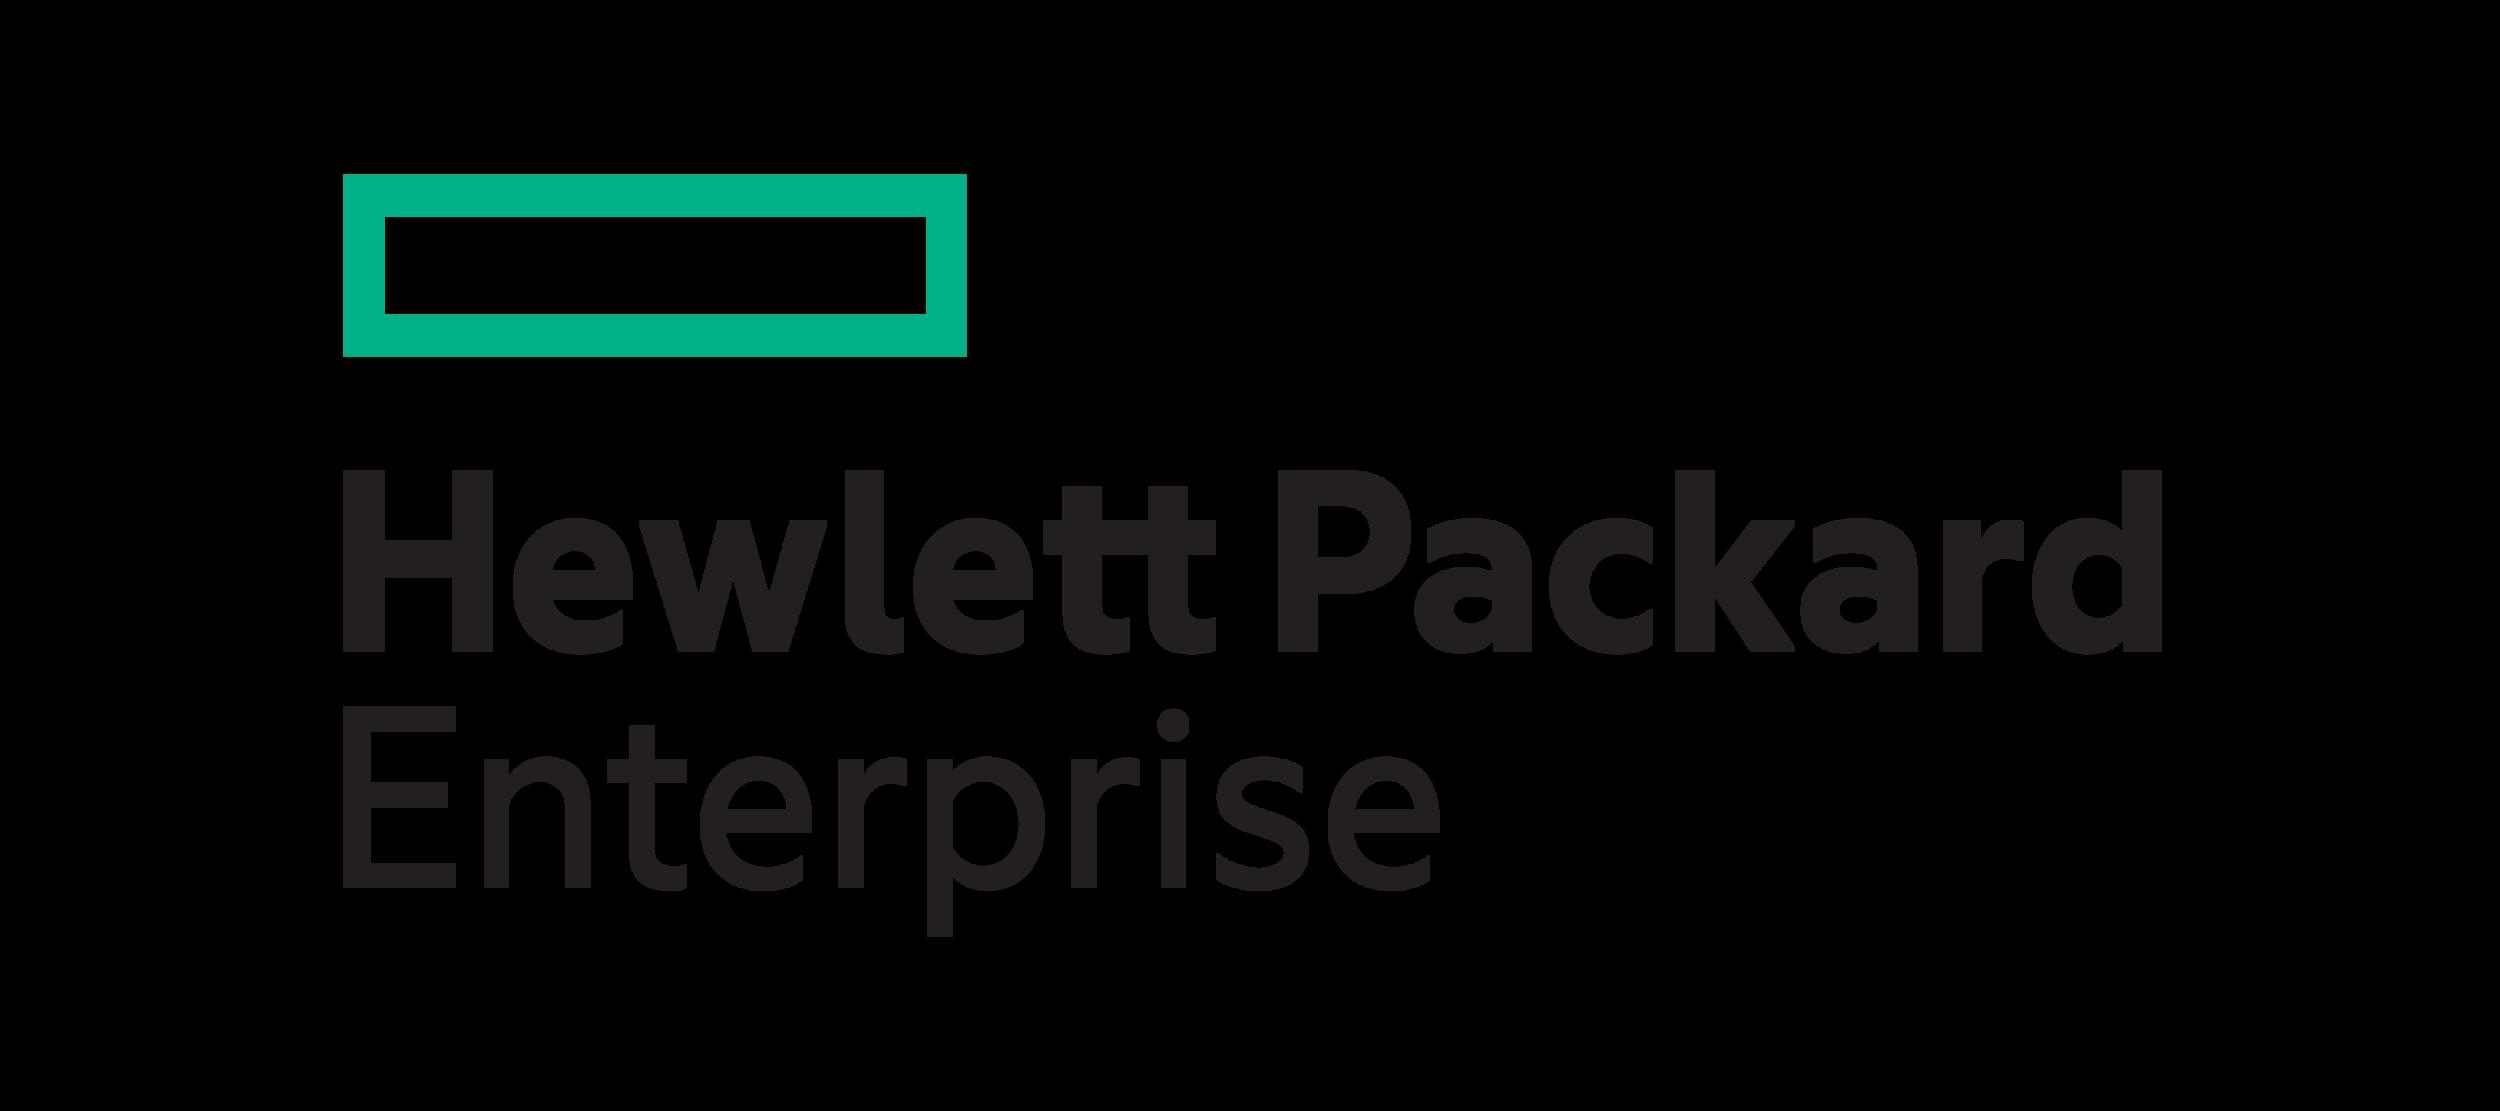 Partners_Logo_Hewlett-Packard-Enterprise-01.png